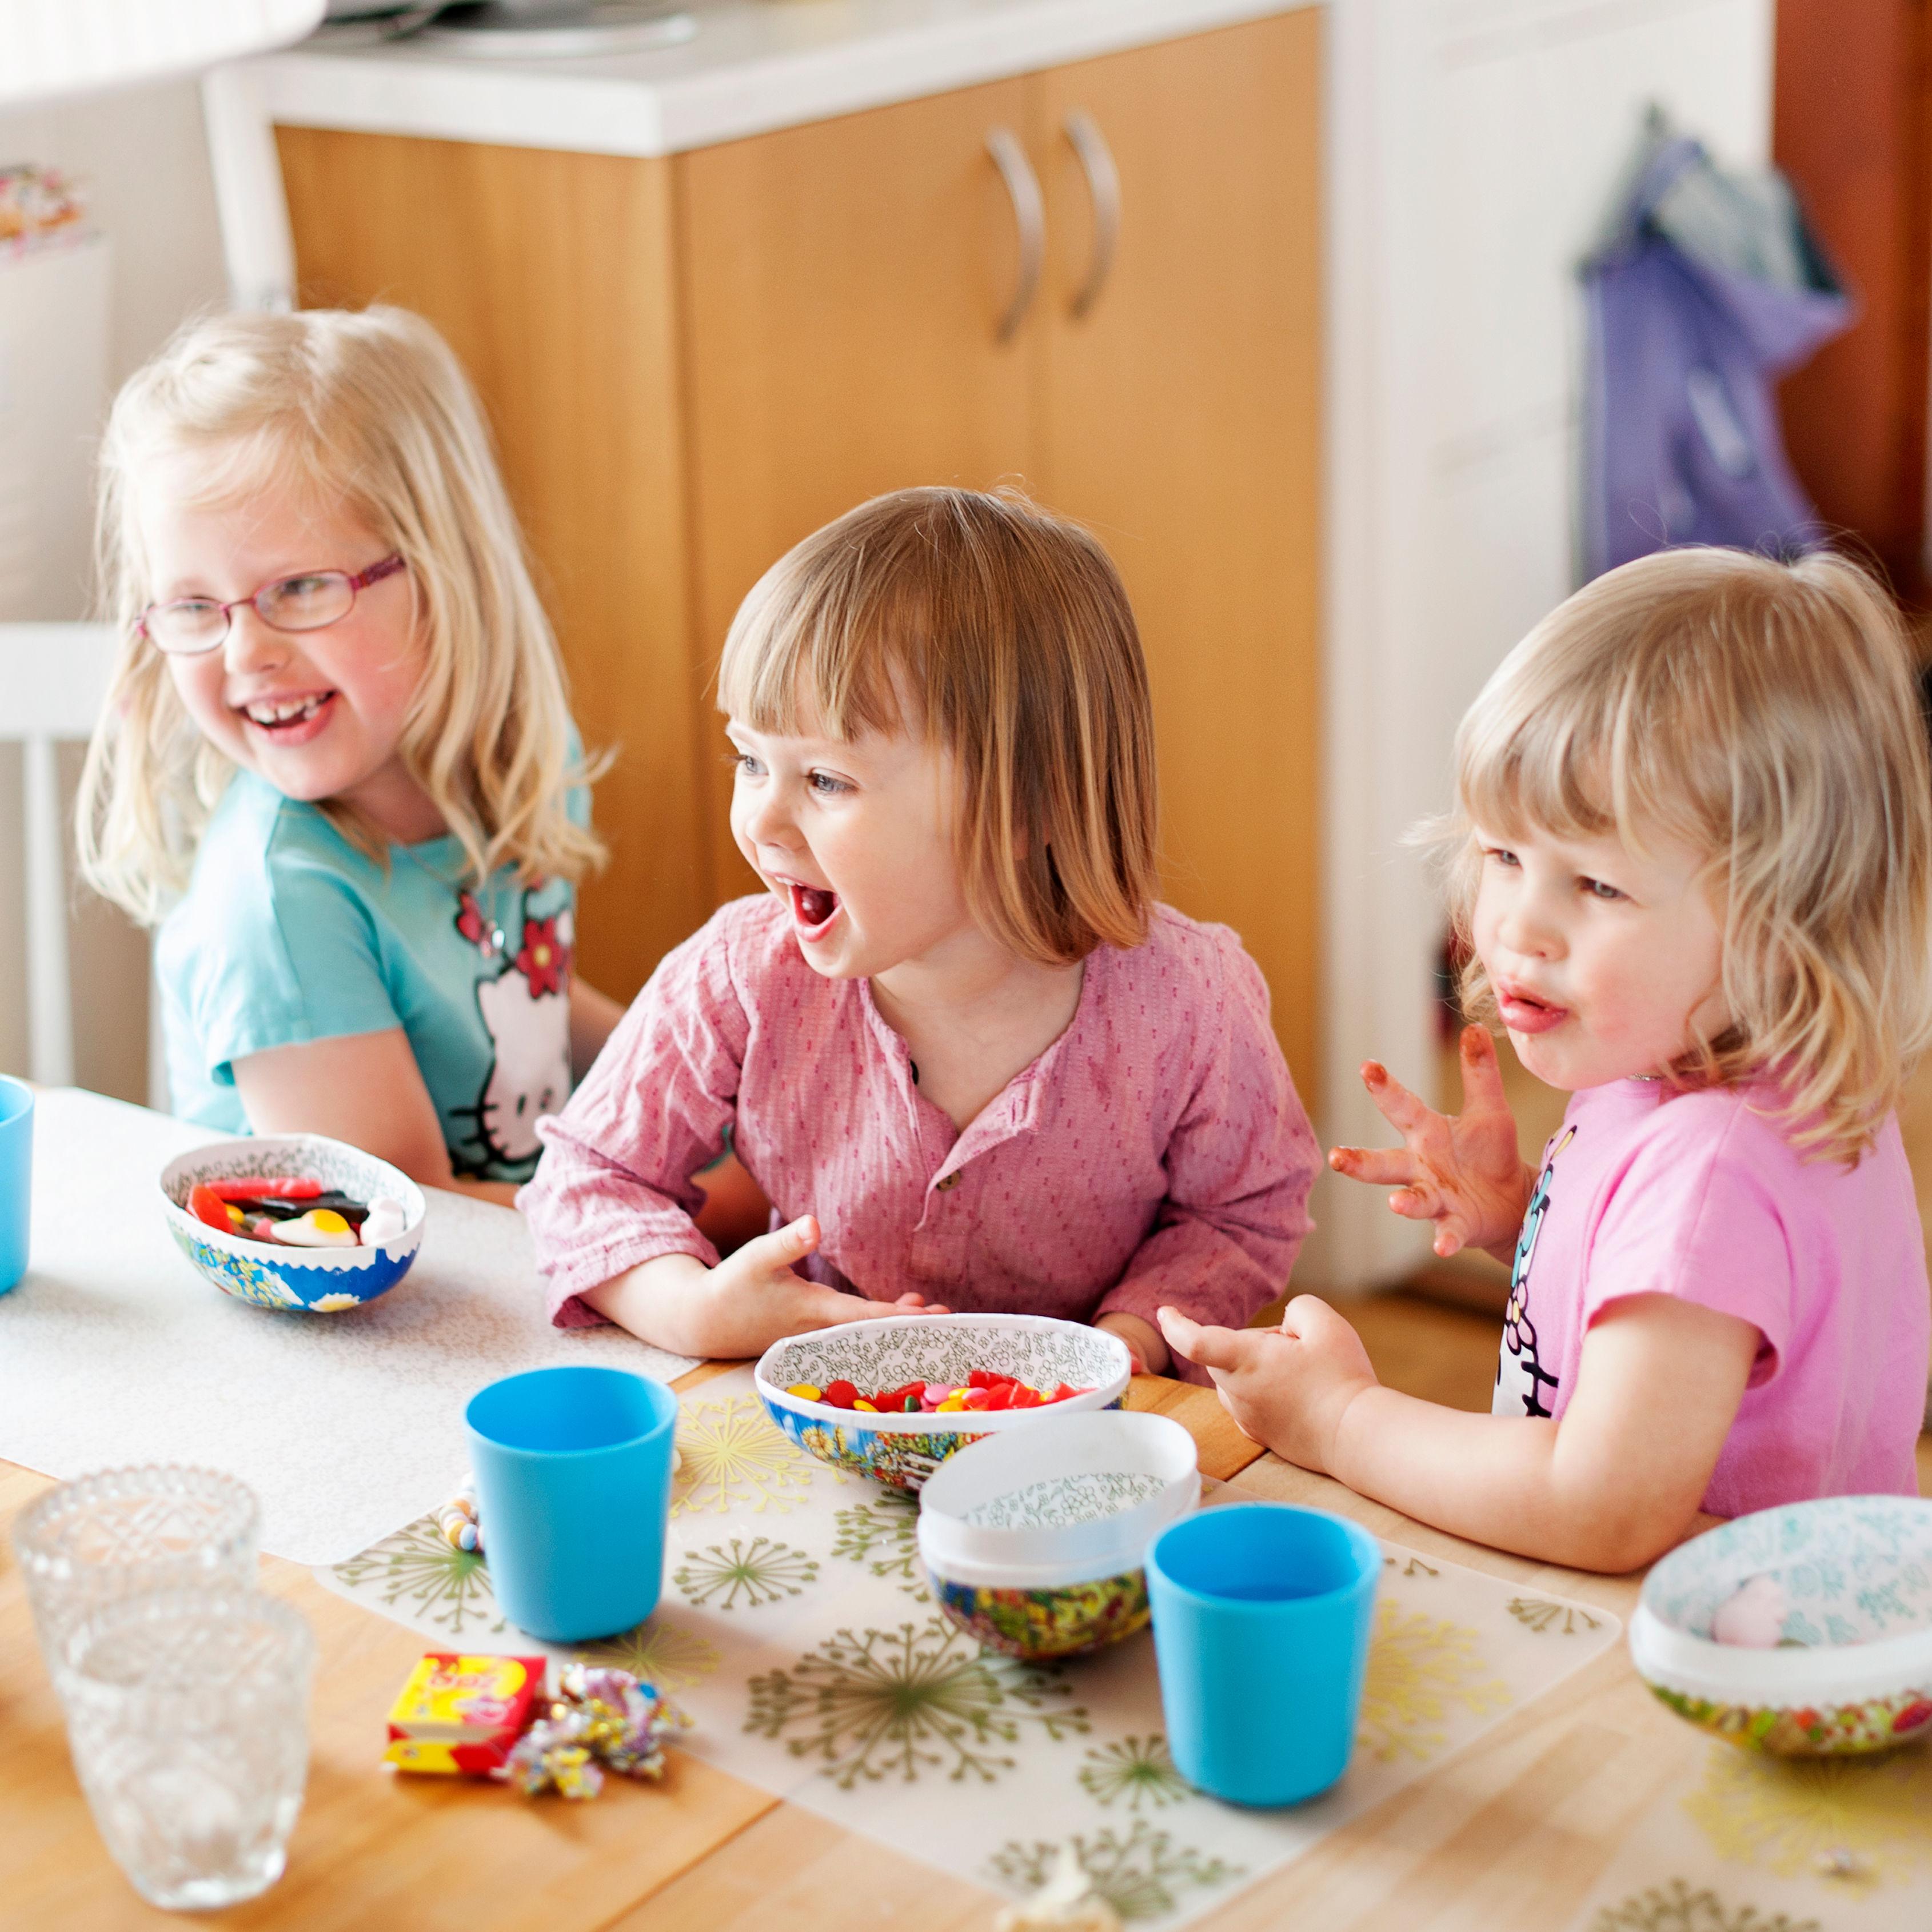 Barn flest forventer egg fylt med godteri til påske. FOTO: Illustrasjonsfoto / Scanpix